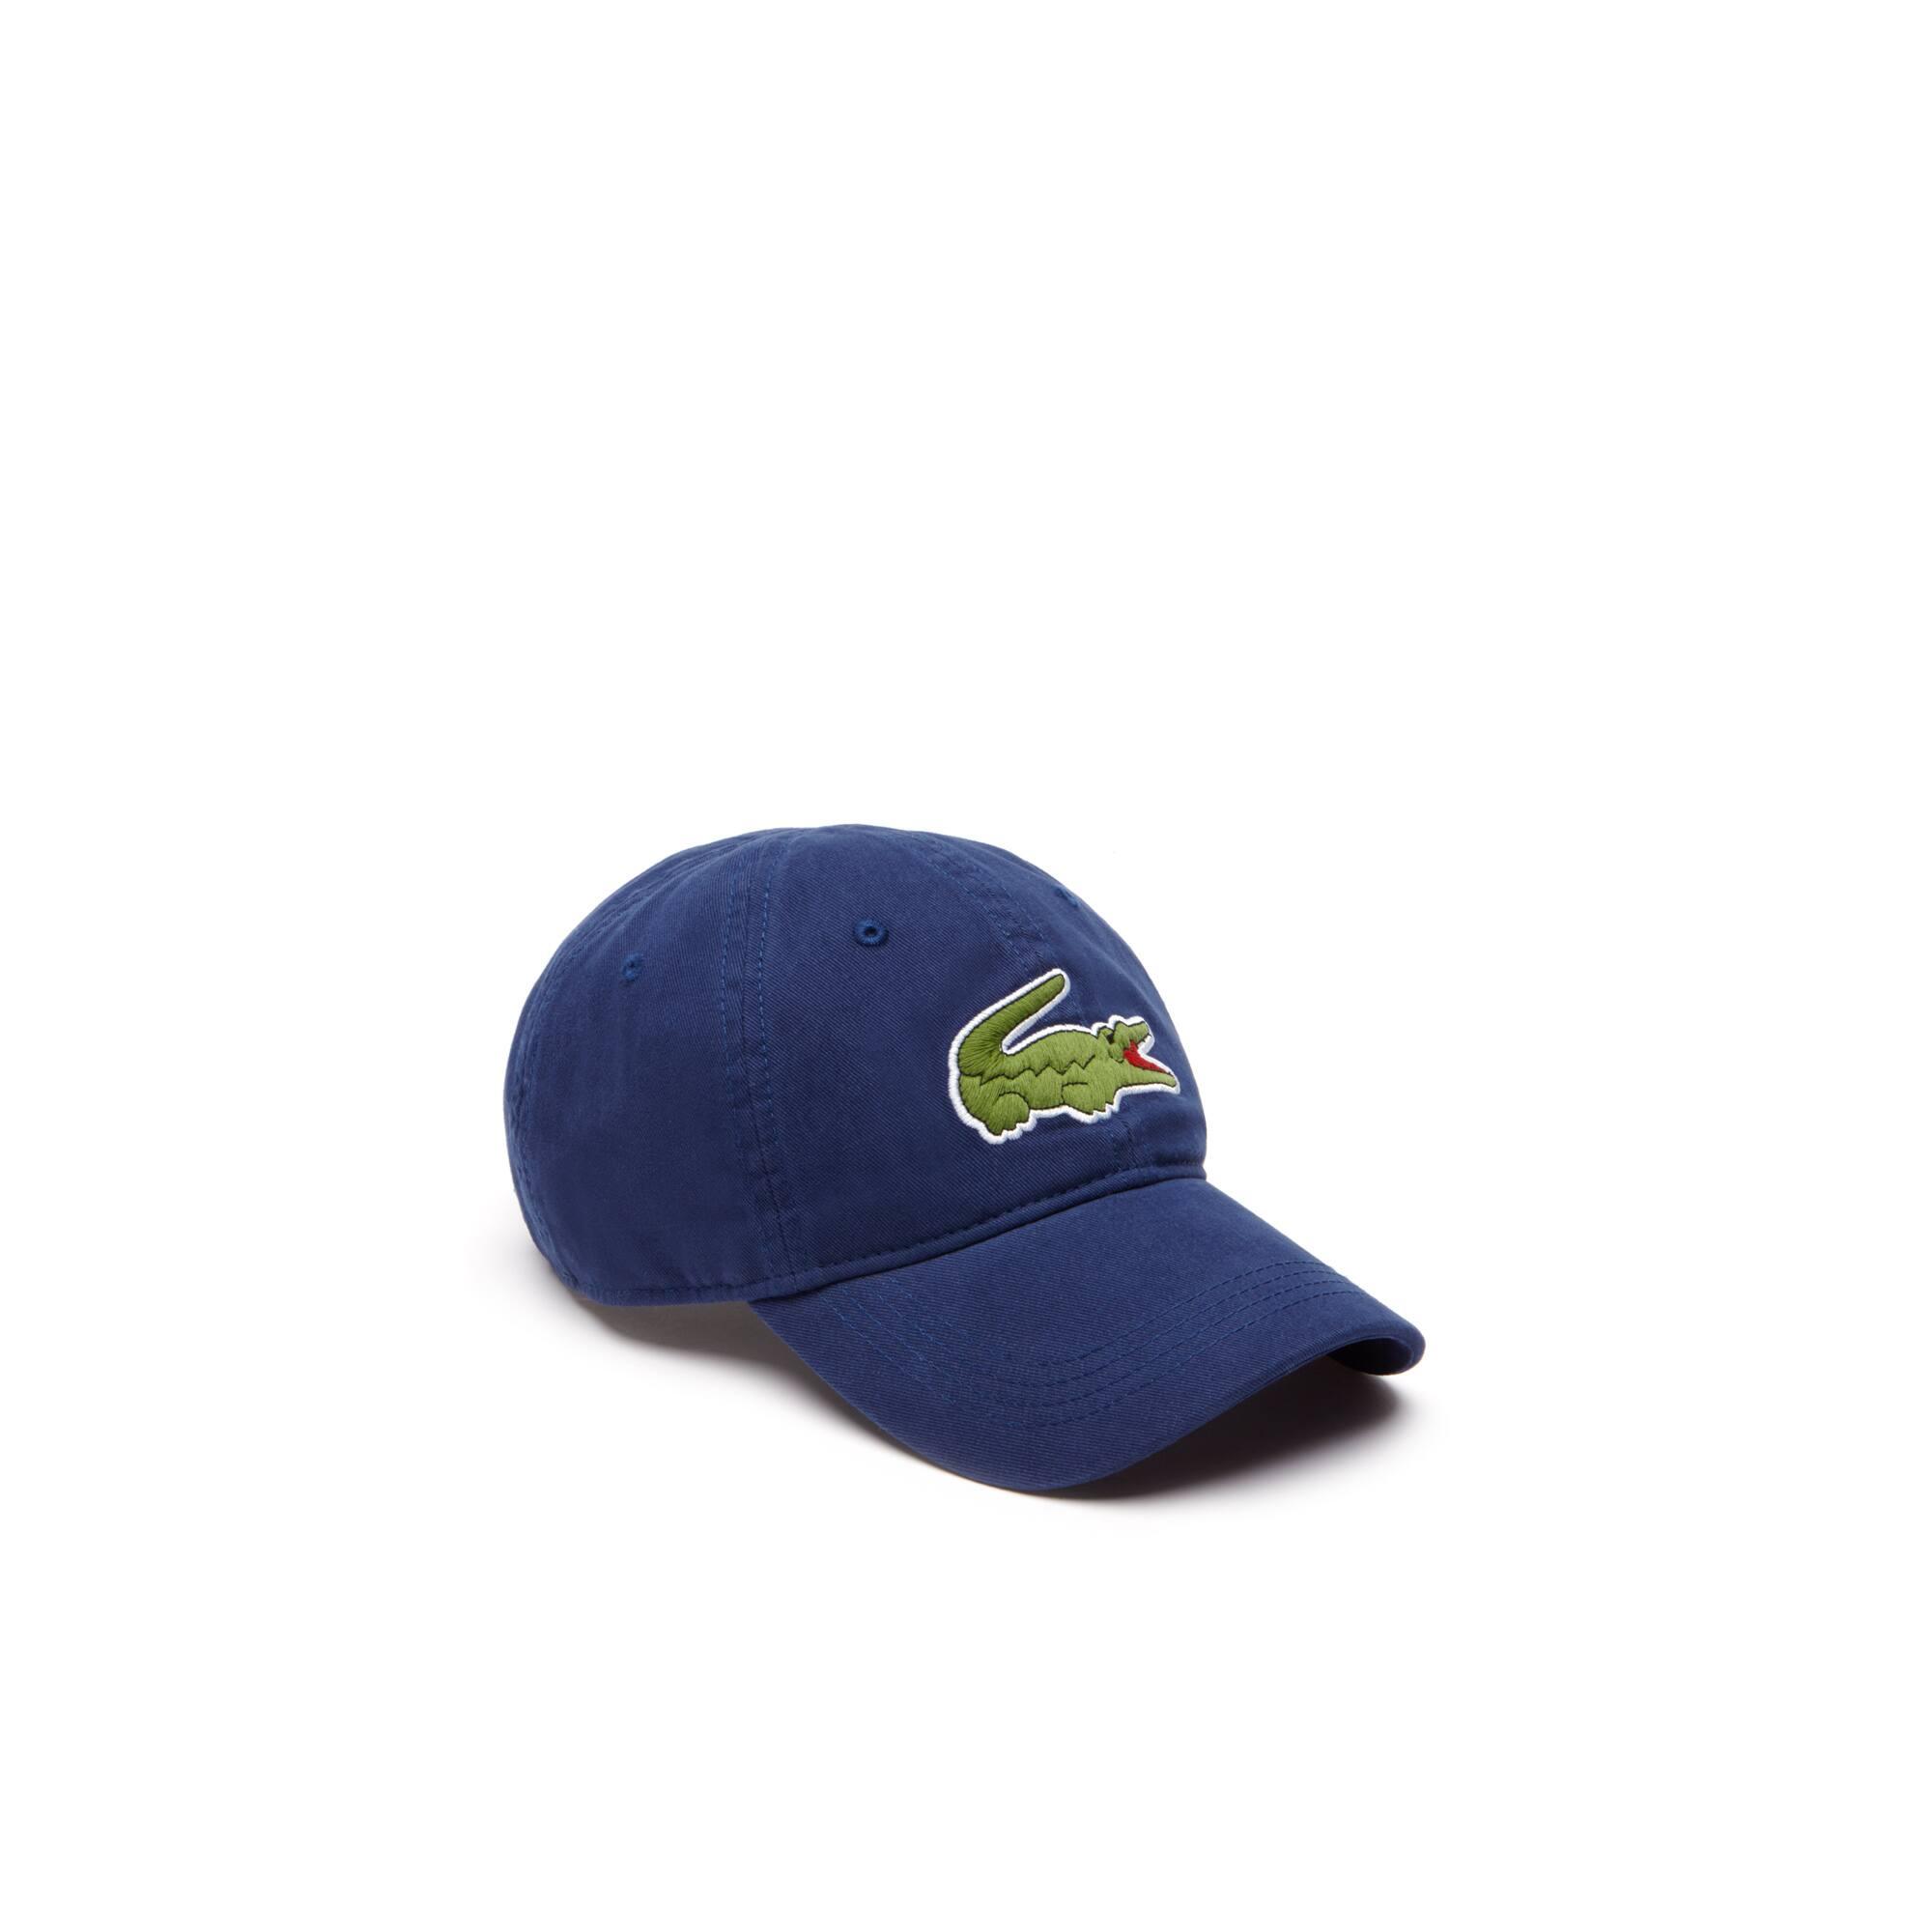 Men's Gabardine cap with oversized crocodile